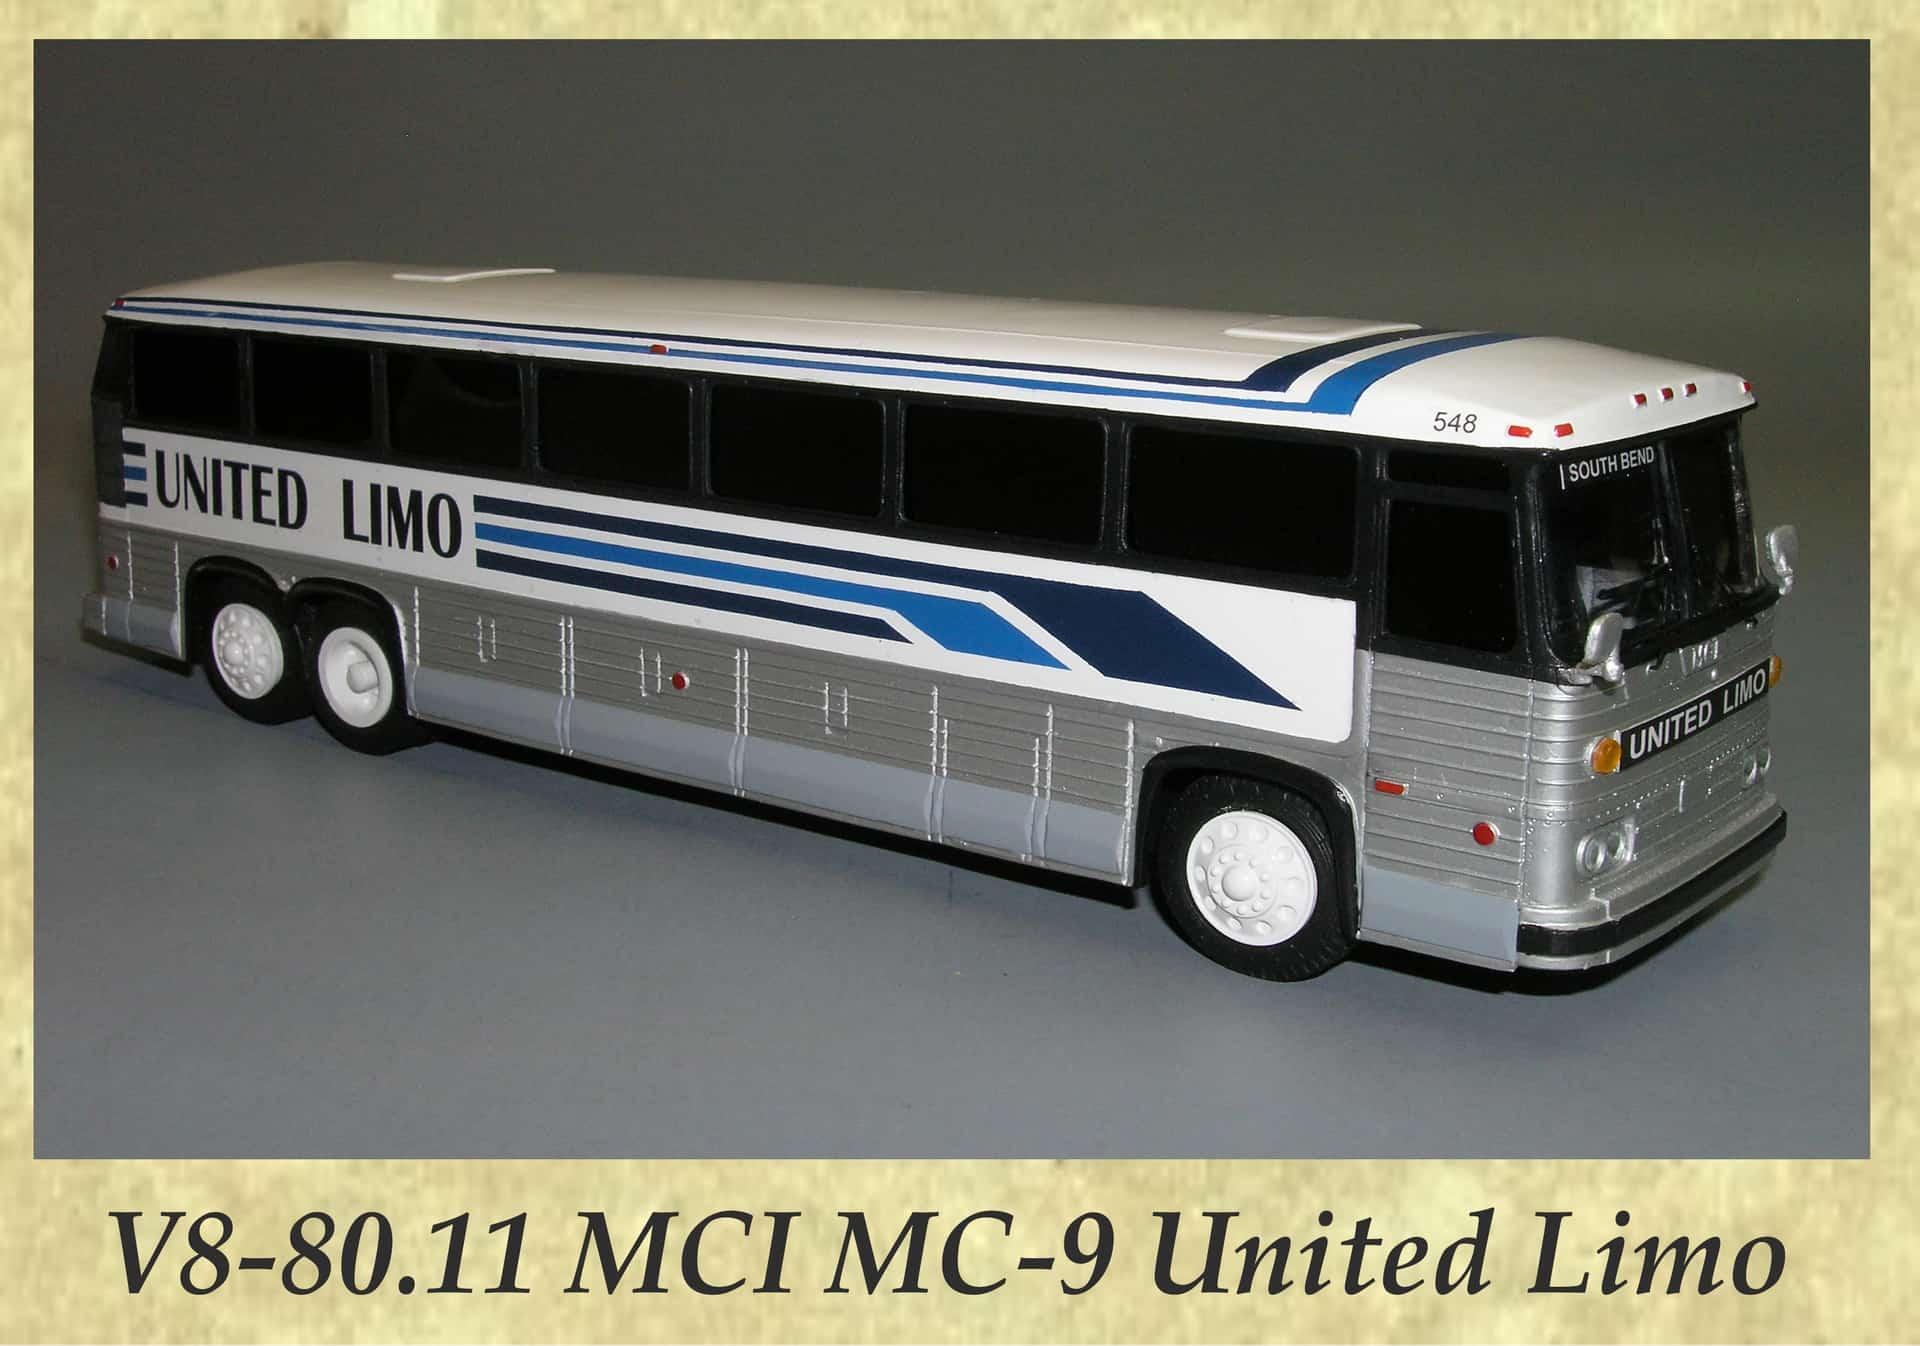 V8-80.11 MCI MC-9 United Limo